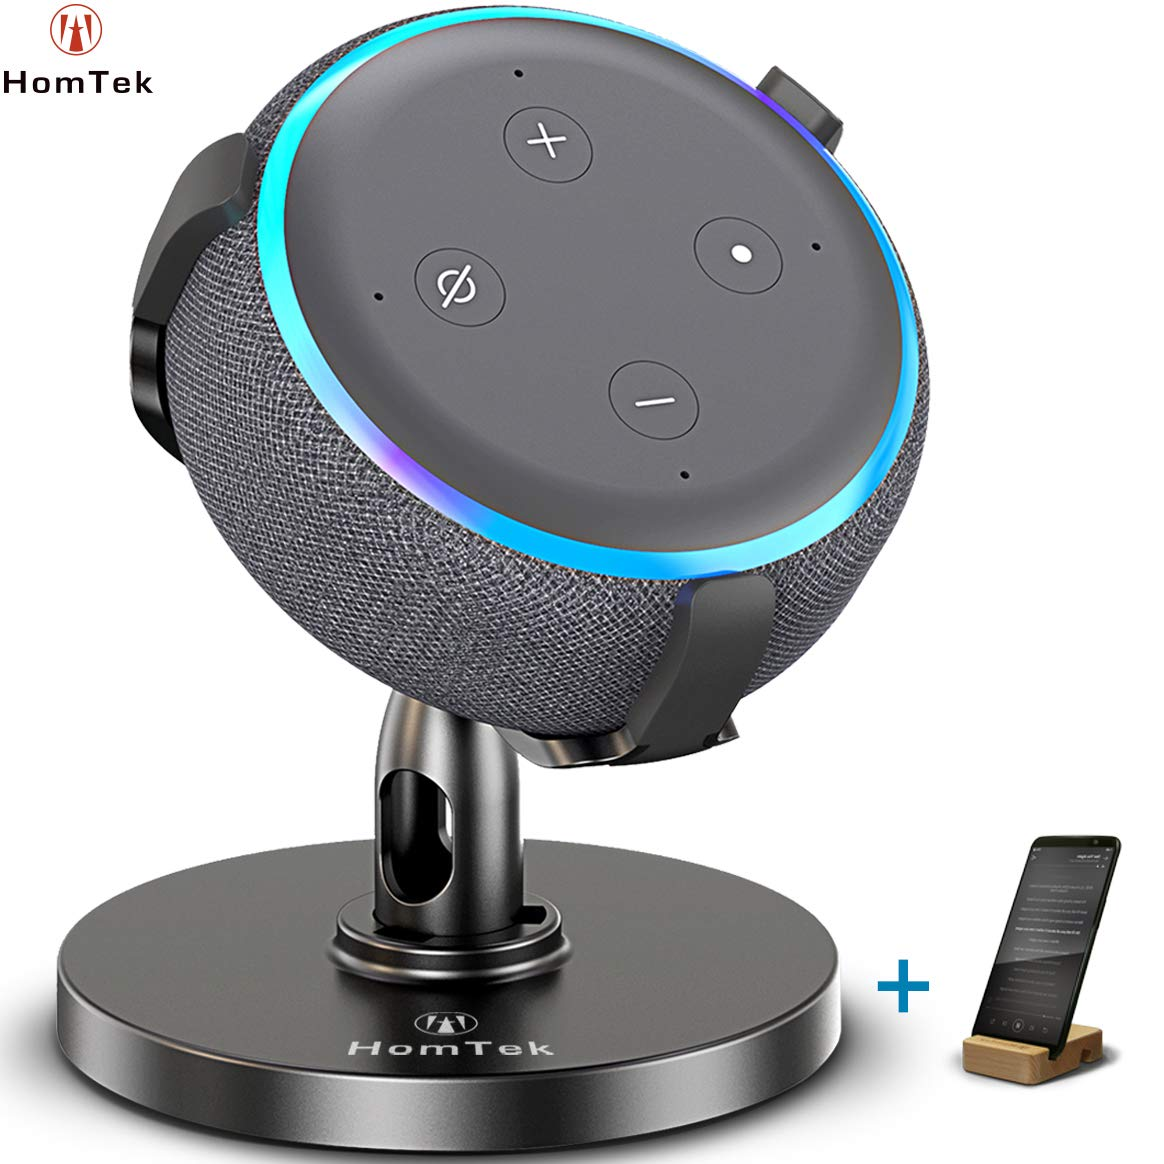 HomTek Echo Dot Stand, Table Holder for Echo dot 3rd Generation, 360° Adjustable,Black by HomTek